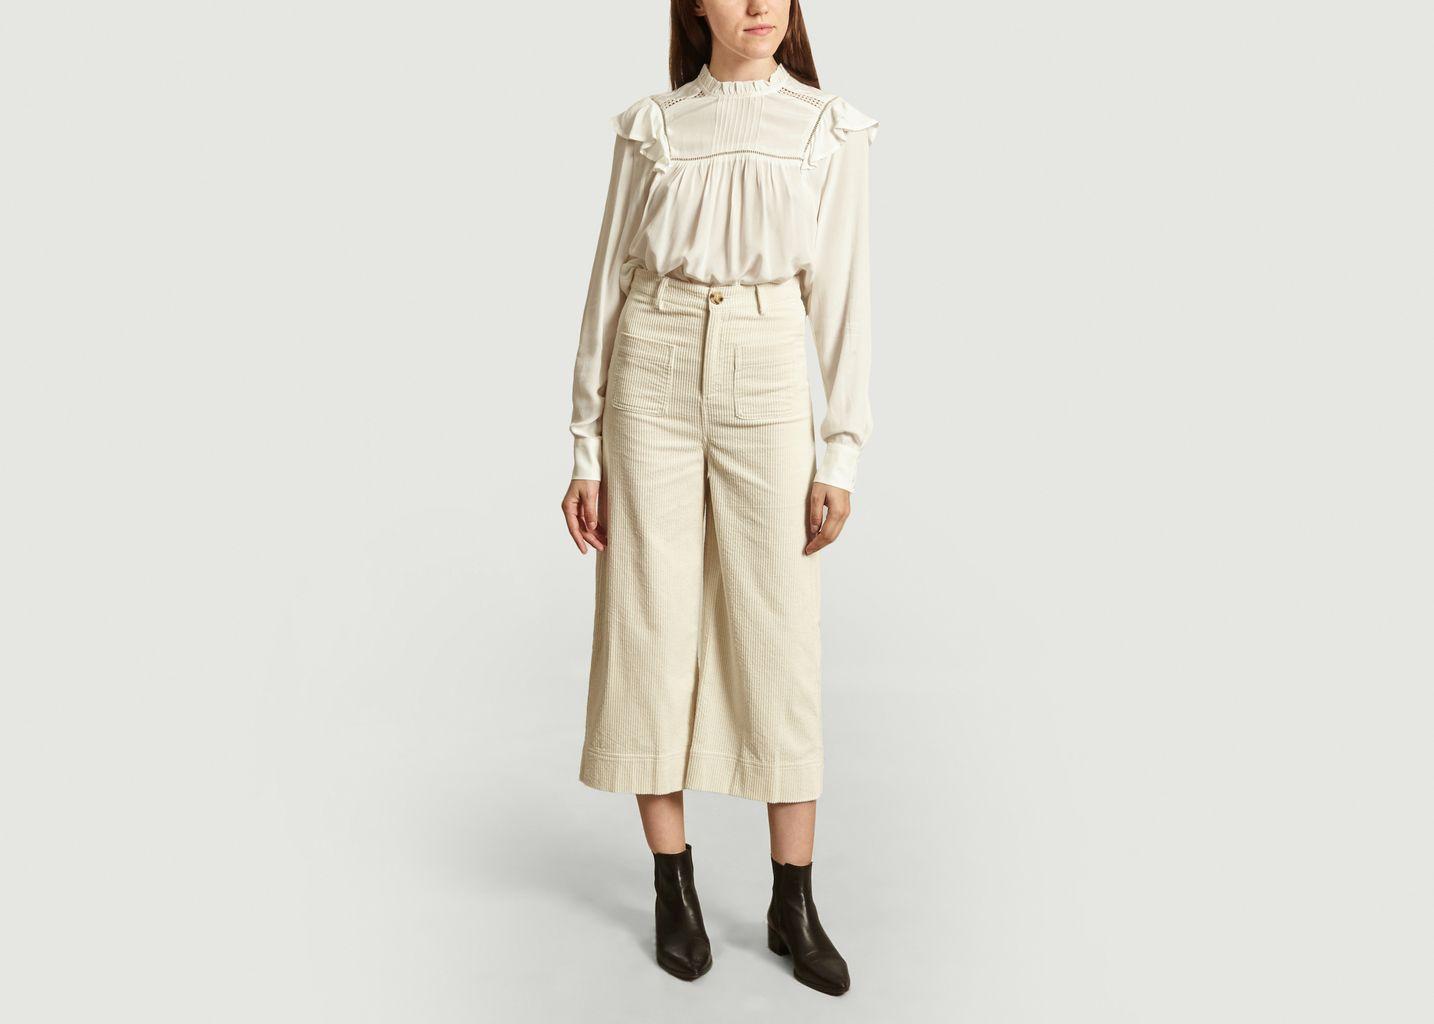 Pantalon Jude en velours côtelé - Suncoo